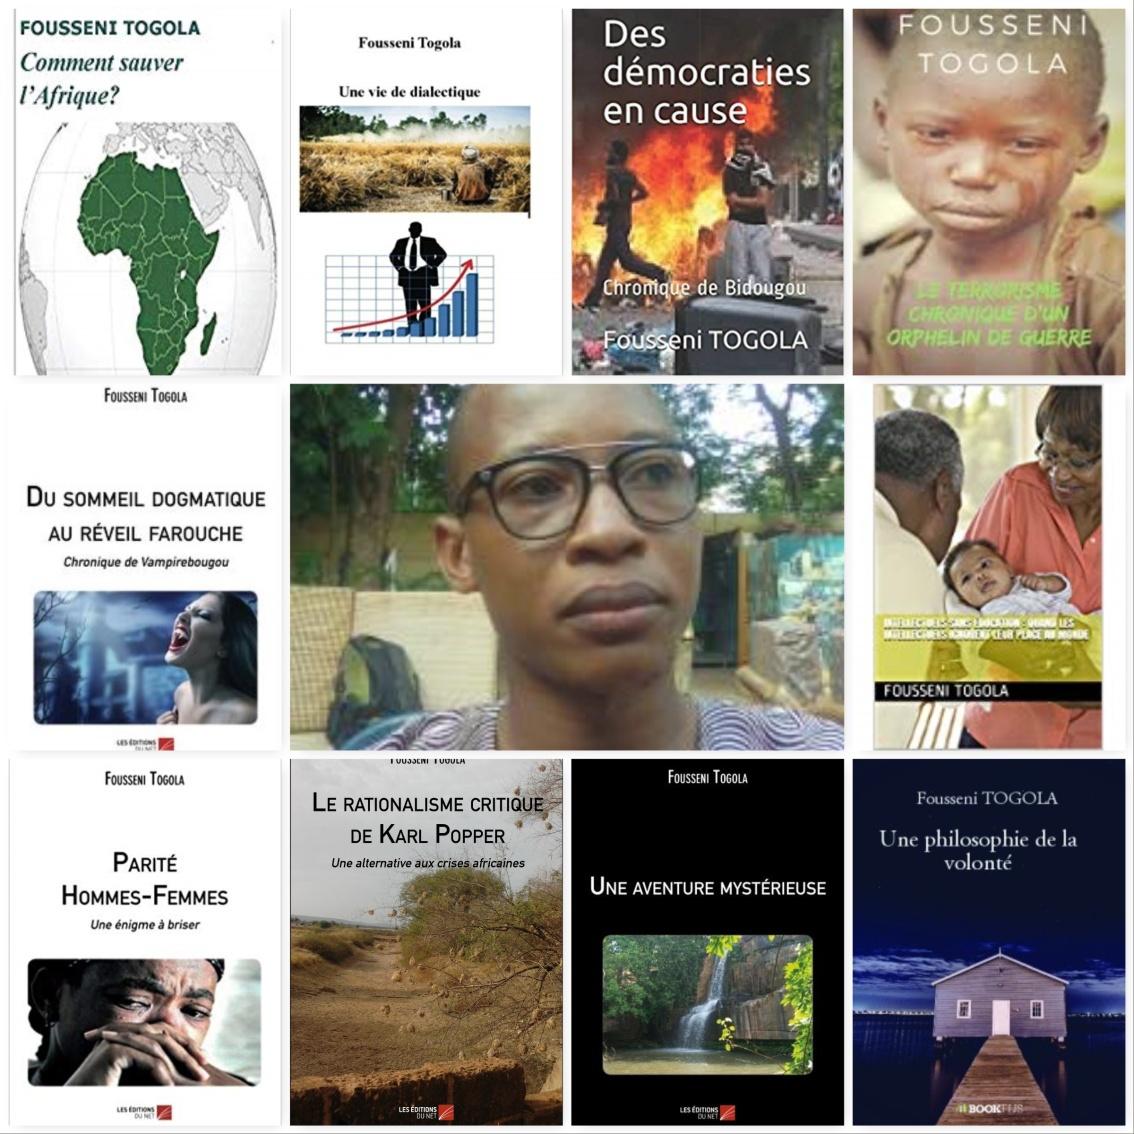 Fousseni Togola, écrivain, philosophe et bloggeur Malien –1989